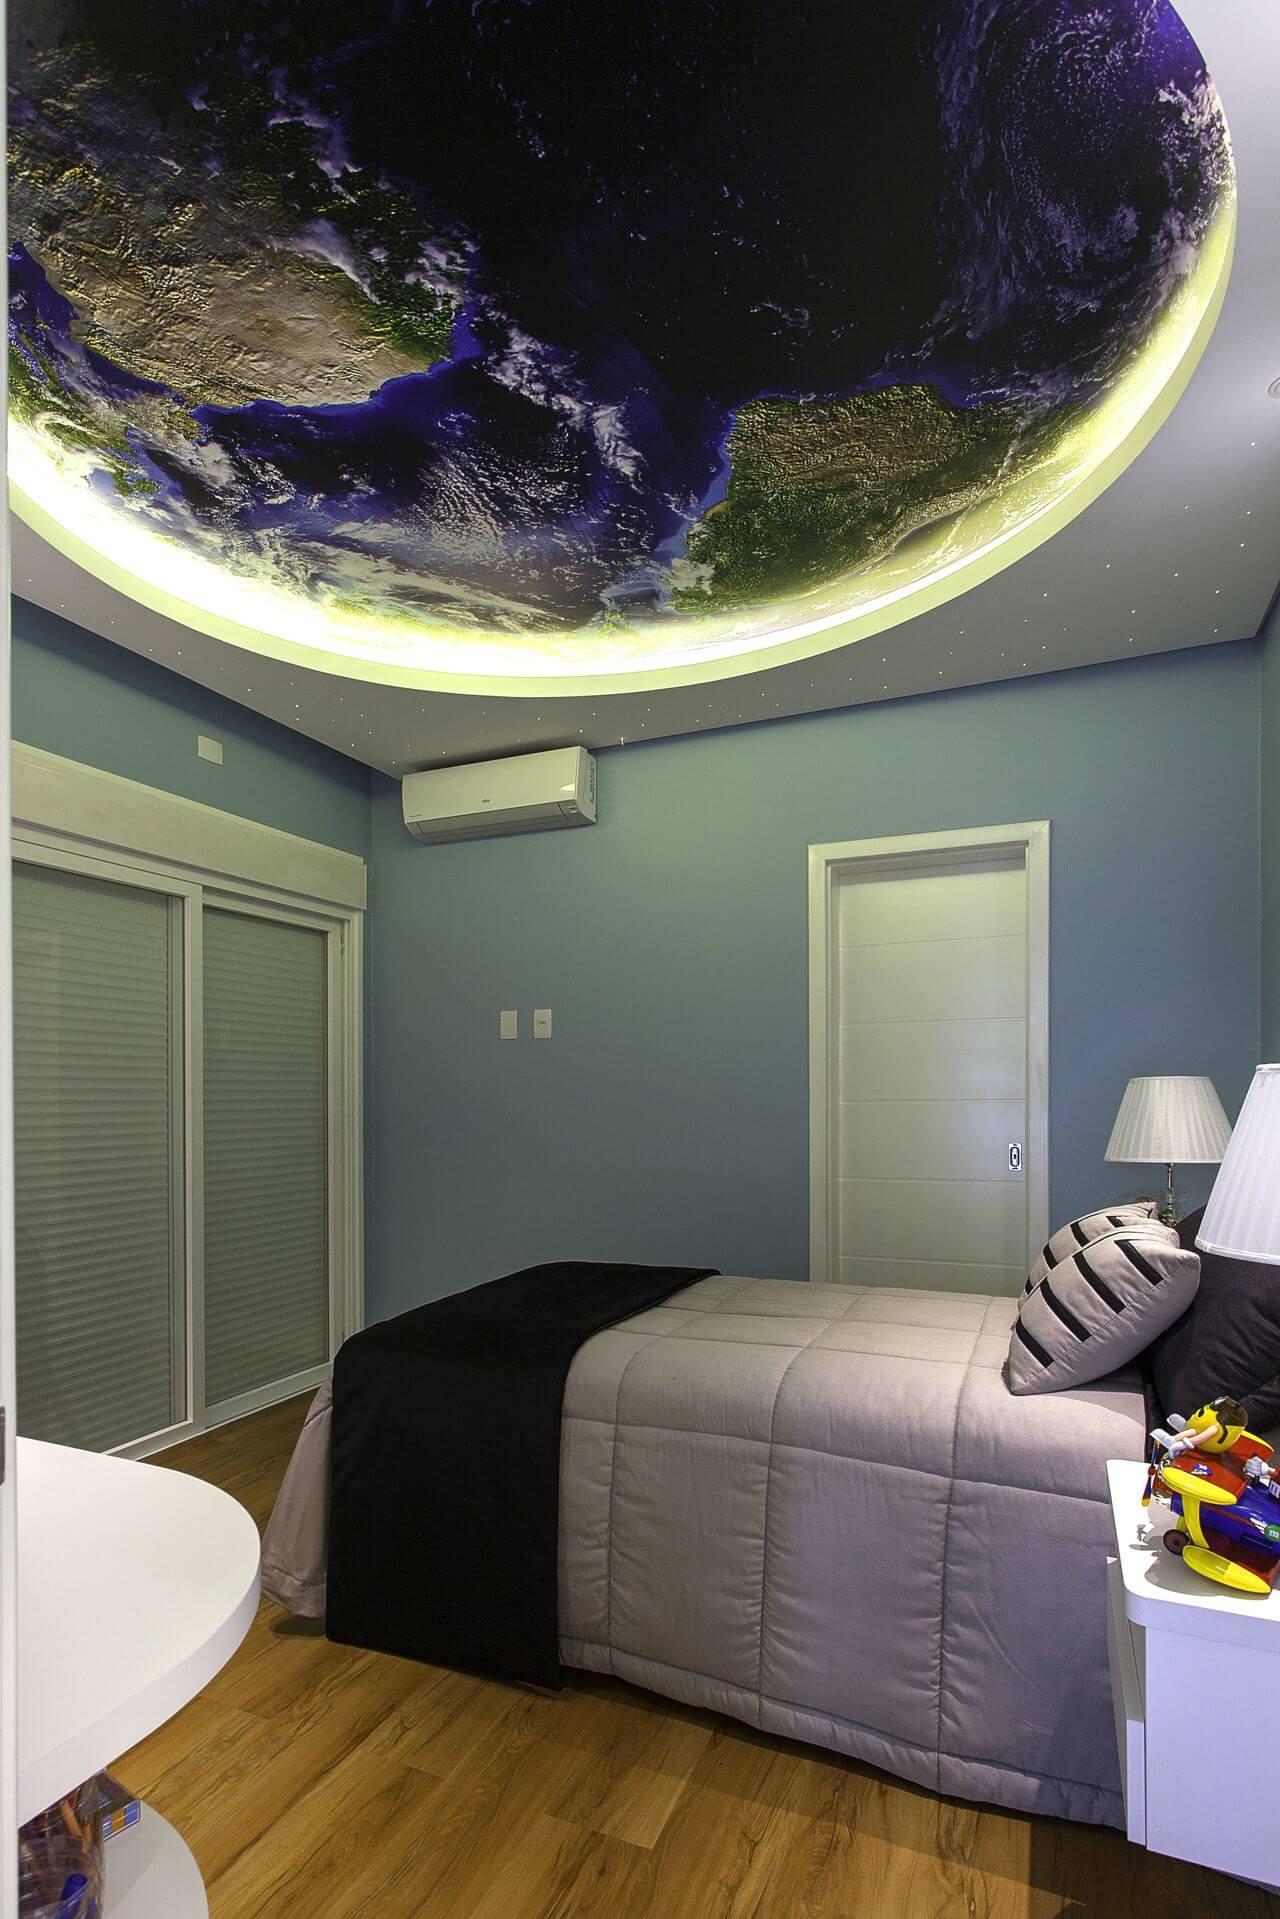 Sanca de gesso com papel de parede do globo traz um efeito espetacular para o dormitório